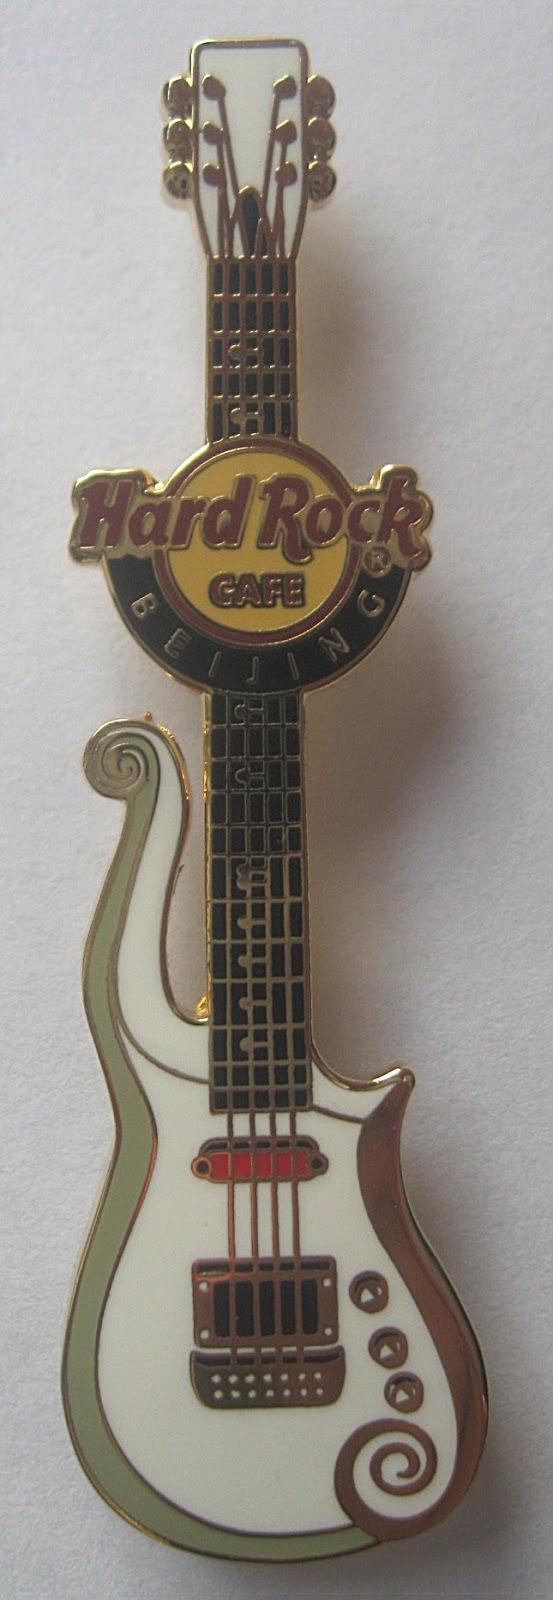 Peking Hard Rock Cafe